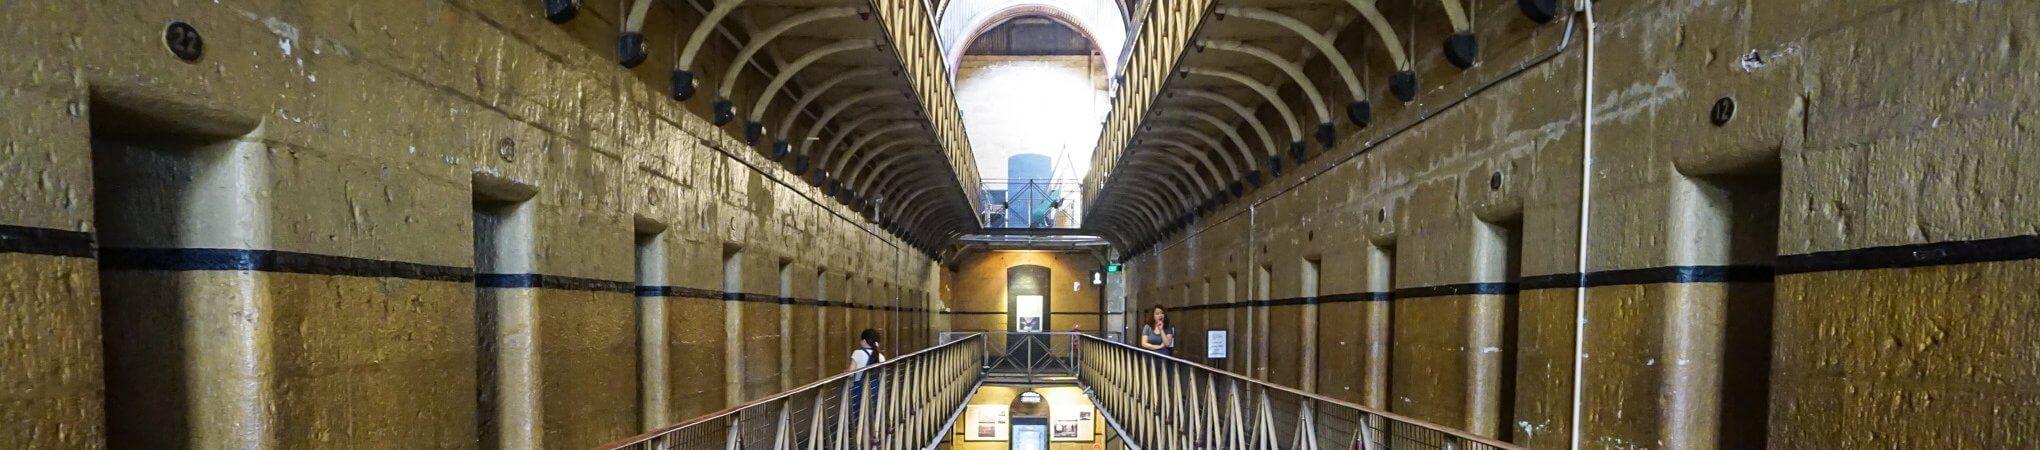 HOT: Old Melbourne Gaol, Melbourne